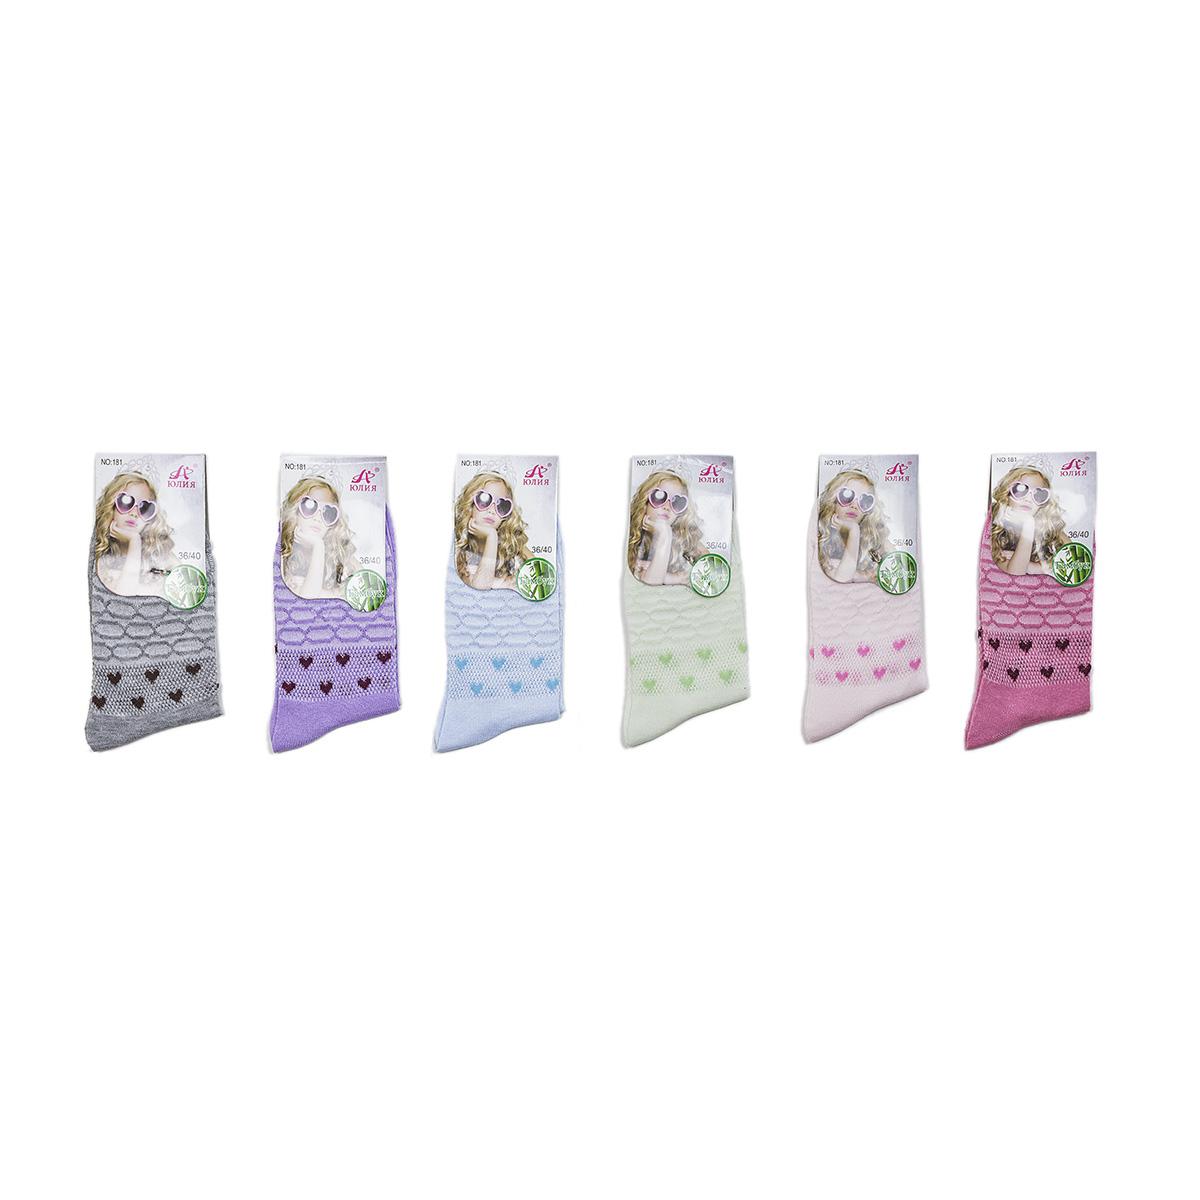 Носки подростковые Юлия, цвет РозовыйНоски<br><br><br>Тип: Дет. носки<br>Размер: 36-40<br>Материал: Хлопок